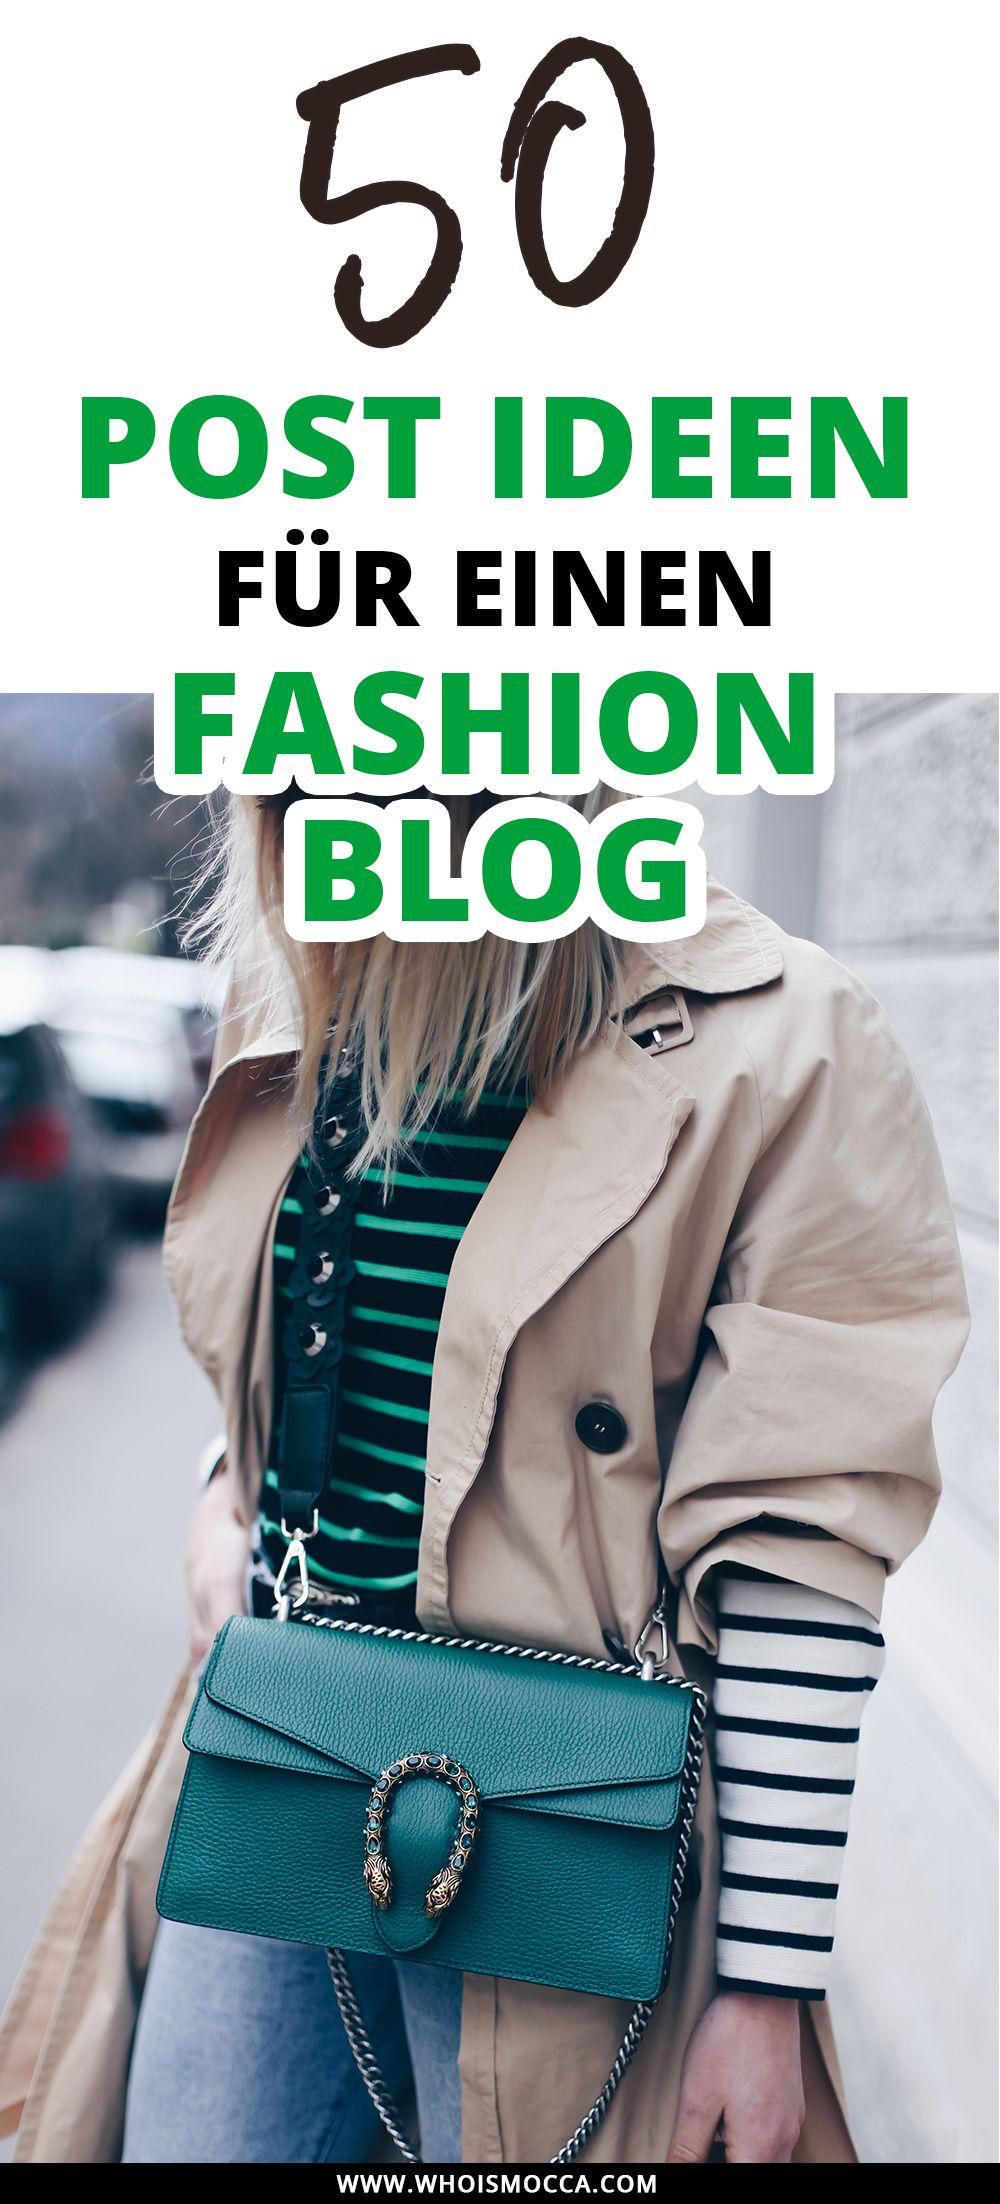 Die besten 50 Post Ideen für einen Fashion Blog!   Blogger-Tipps ...